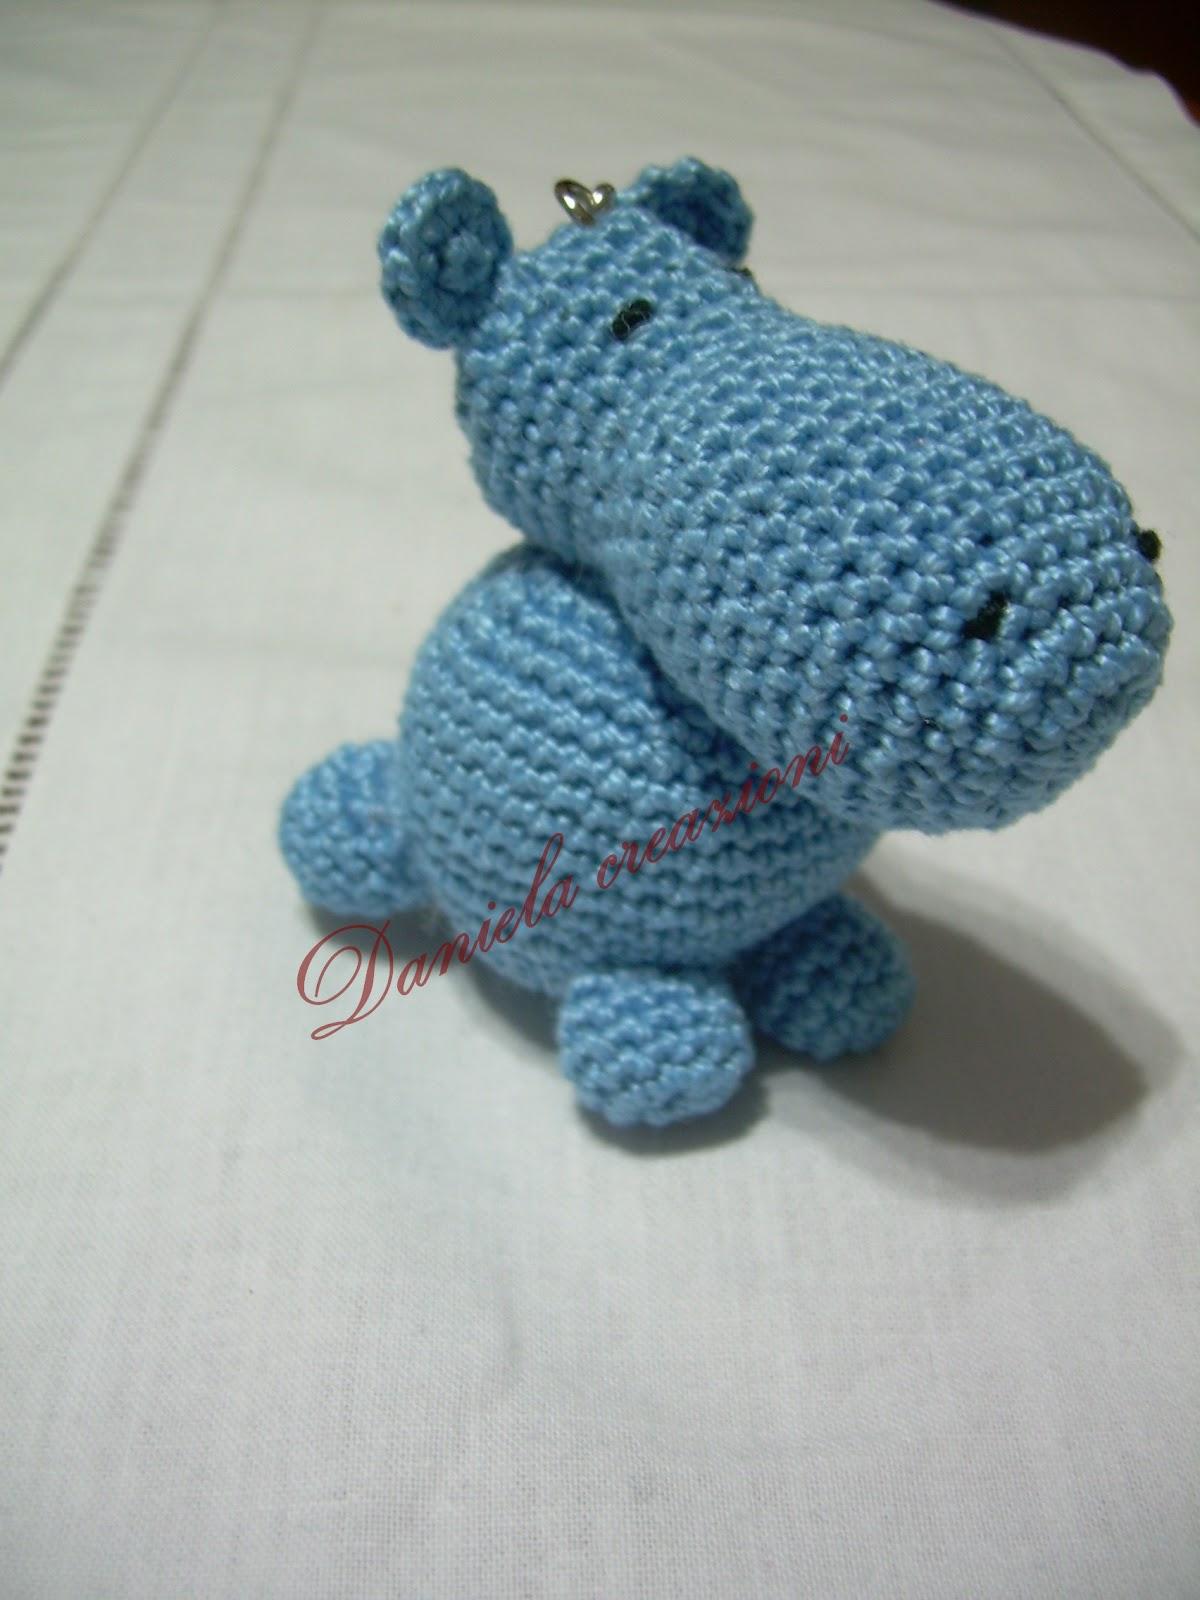 Ippopotamo Amigurumi Crochet : Fantasia di gioie: Dolci amigurumi.....